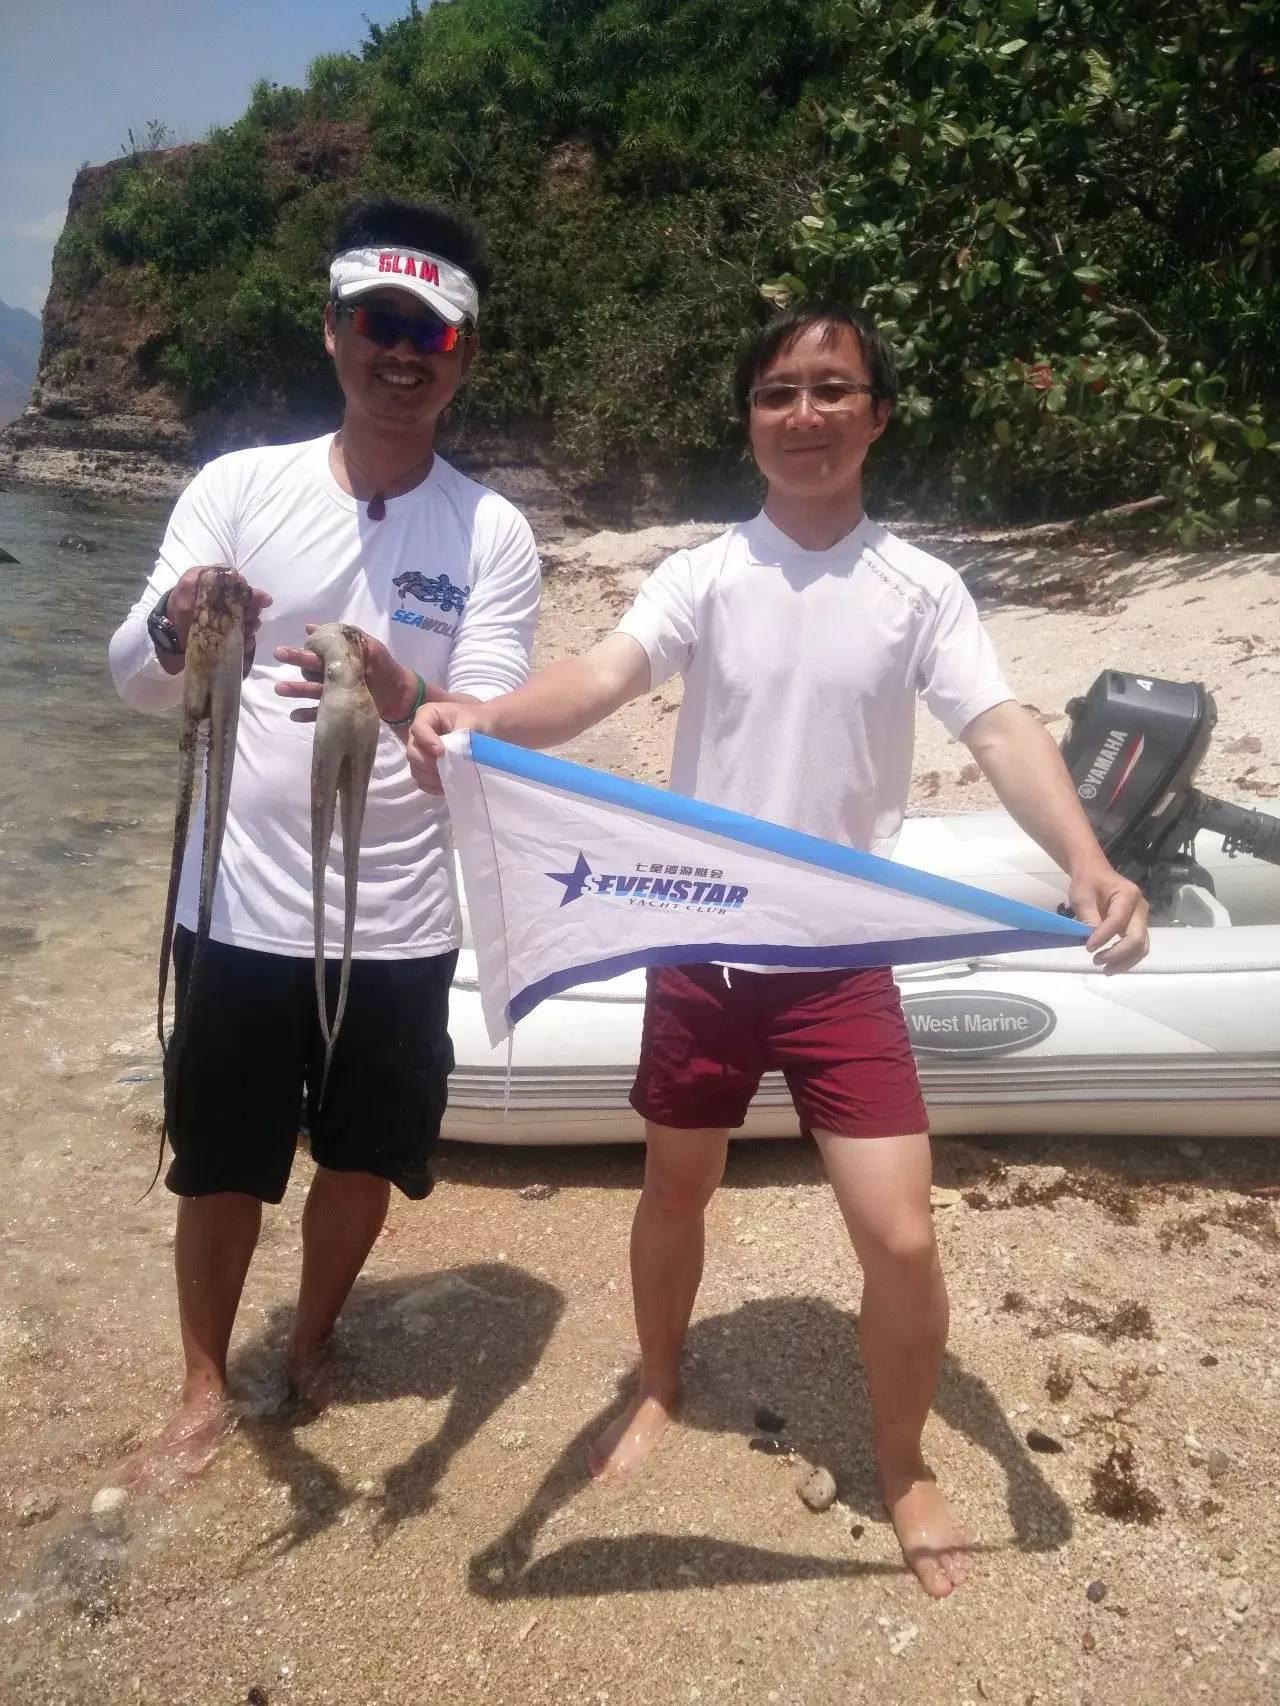 难忘的日落风帆,菲律宾极美海岛游记! d4a85bd467d690abf81574a01cfdf746.jpg